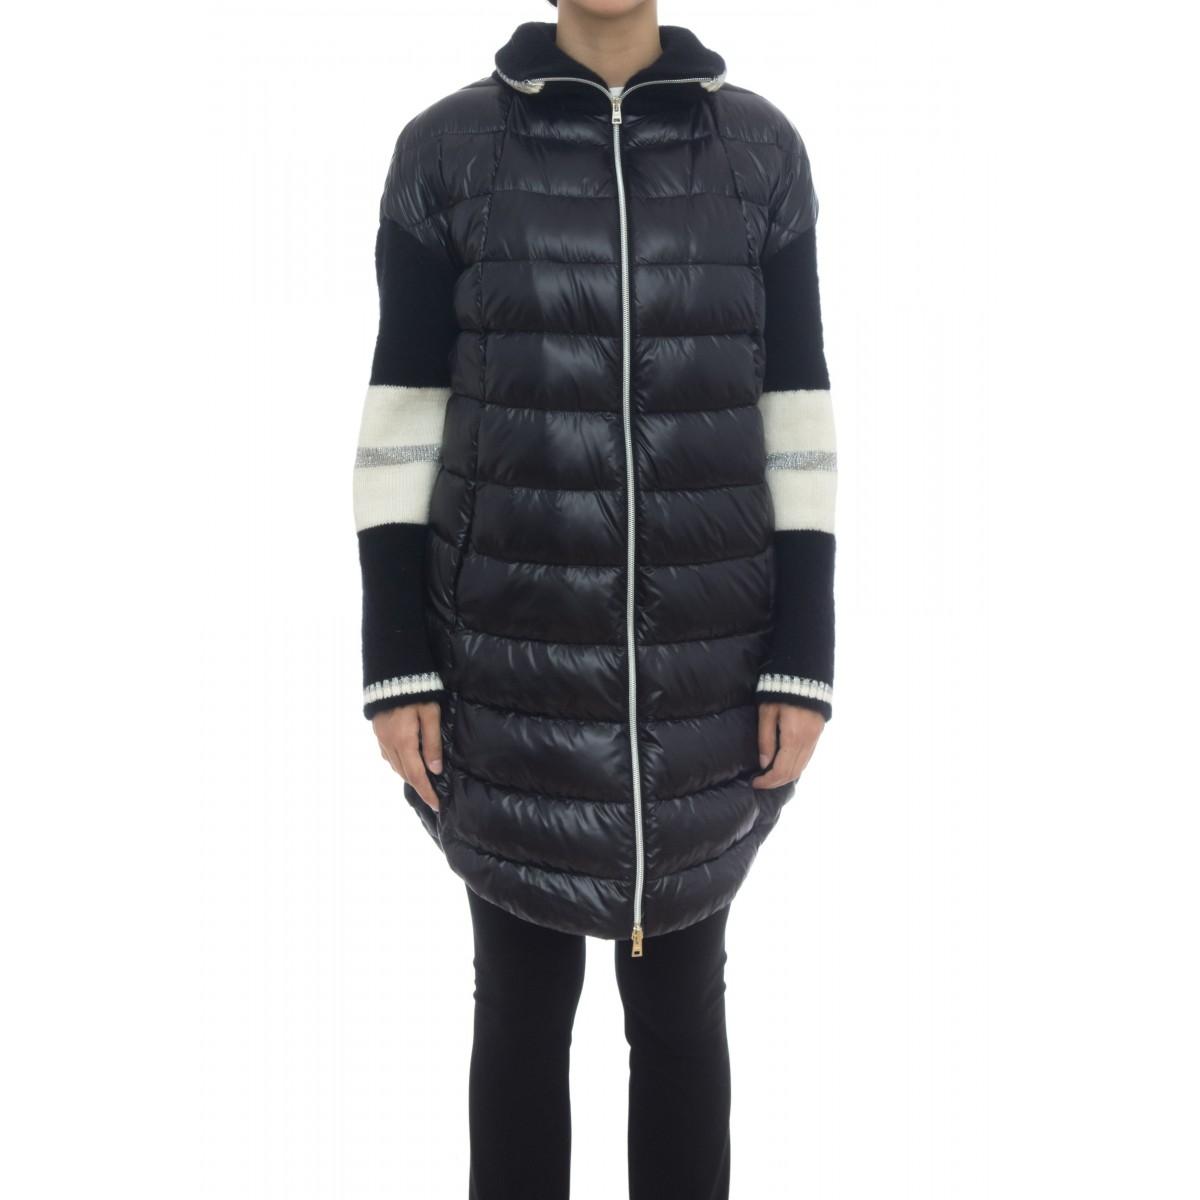 Piumino - PI021DR 12017 nylon ultralight con maniche in lana